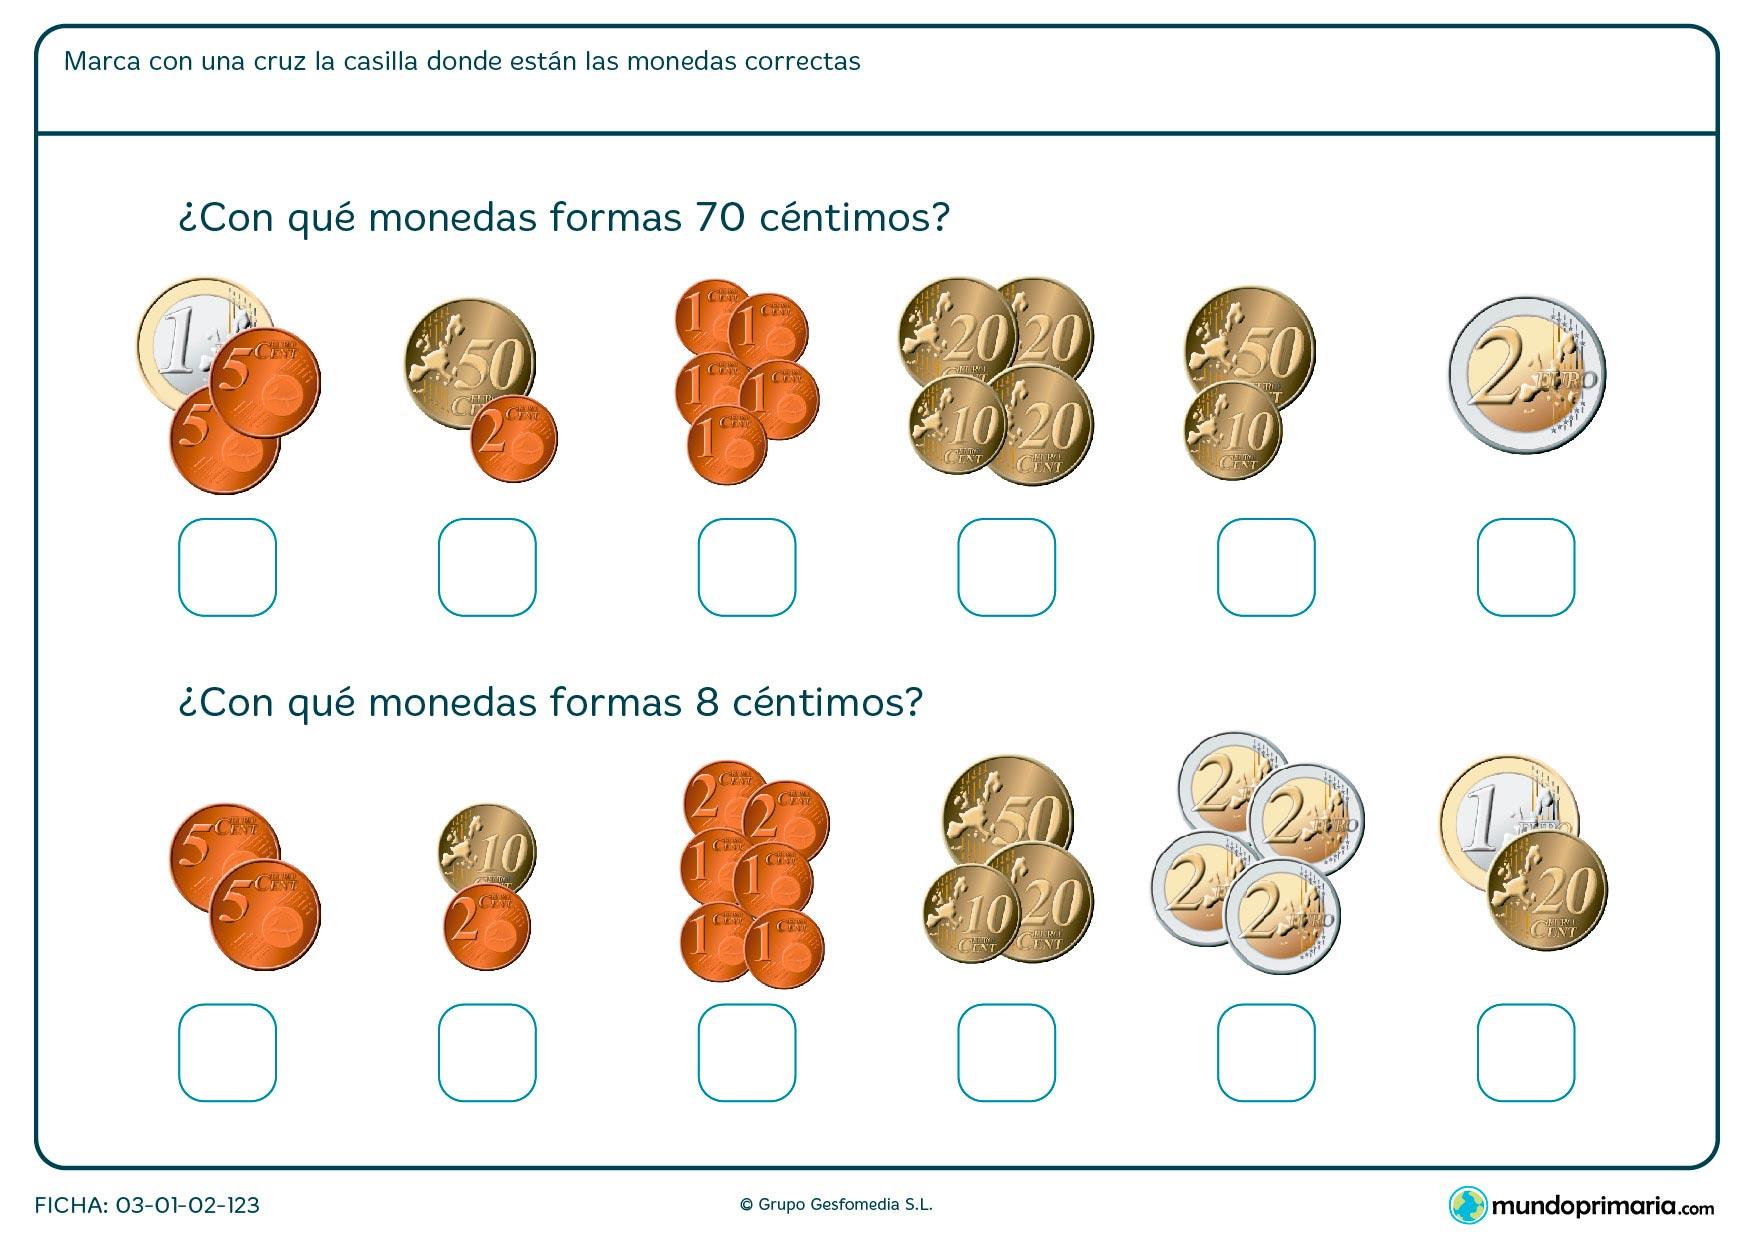 Ficha de monedas correctas en la que hay que marcar con una cruz la casilla correspondiente.